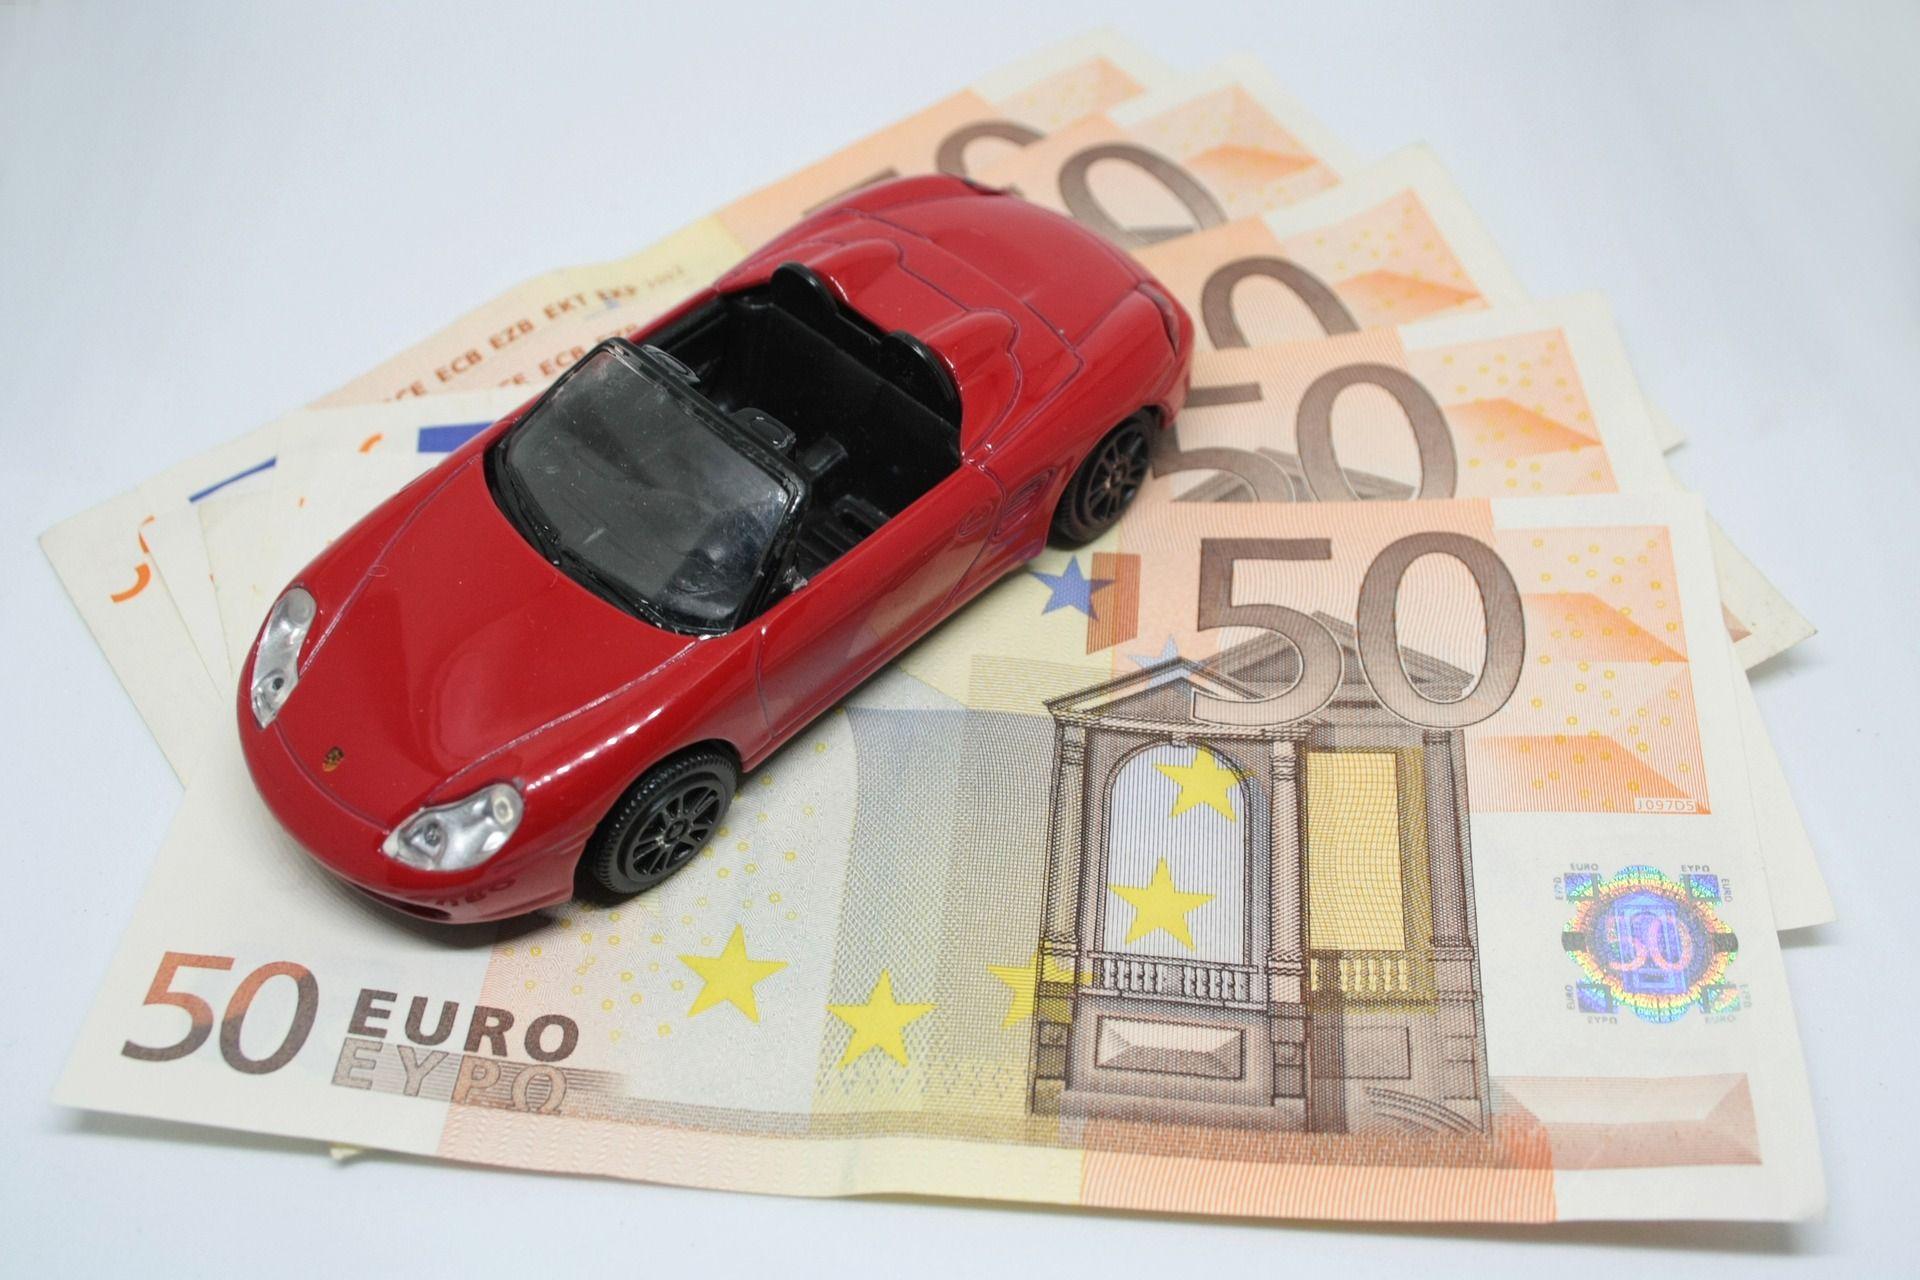 Autoversicherung Car Insurance In Germany Kfz Versicherung